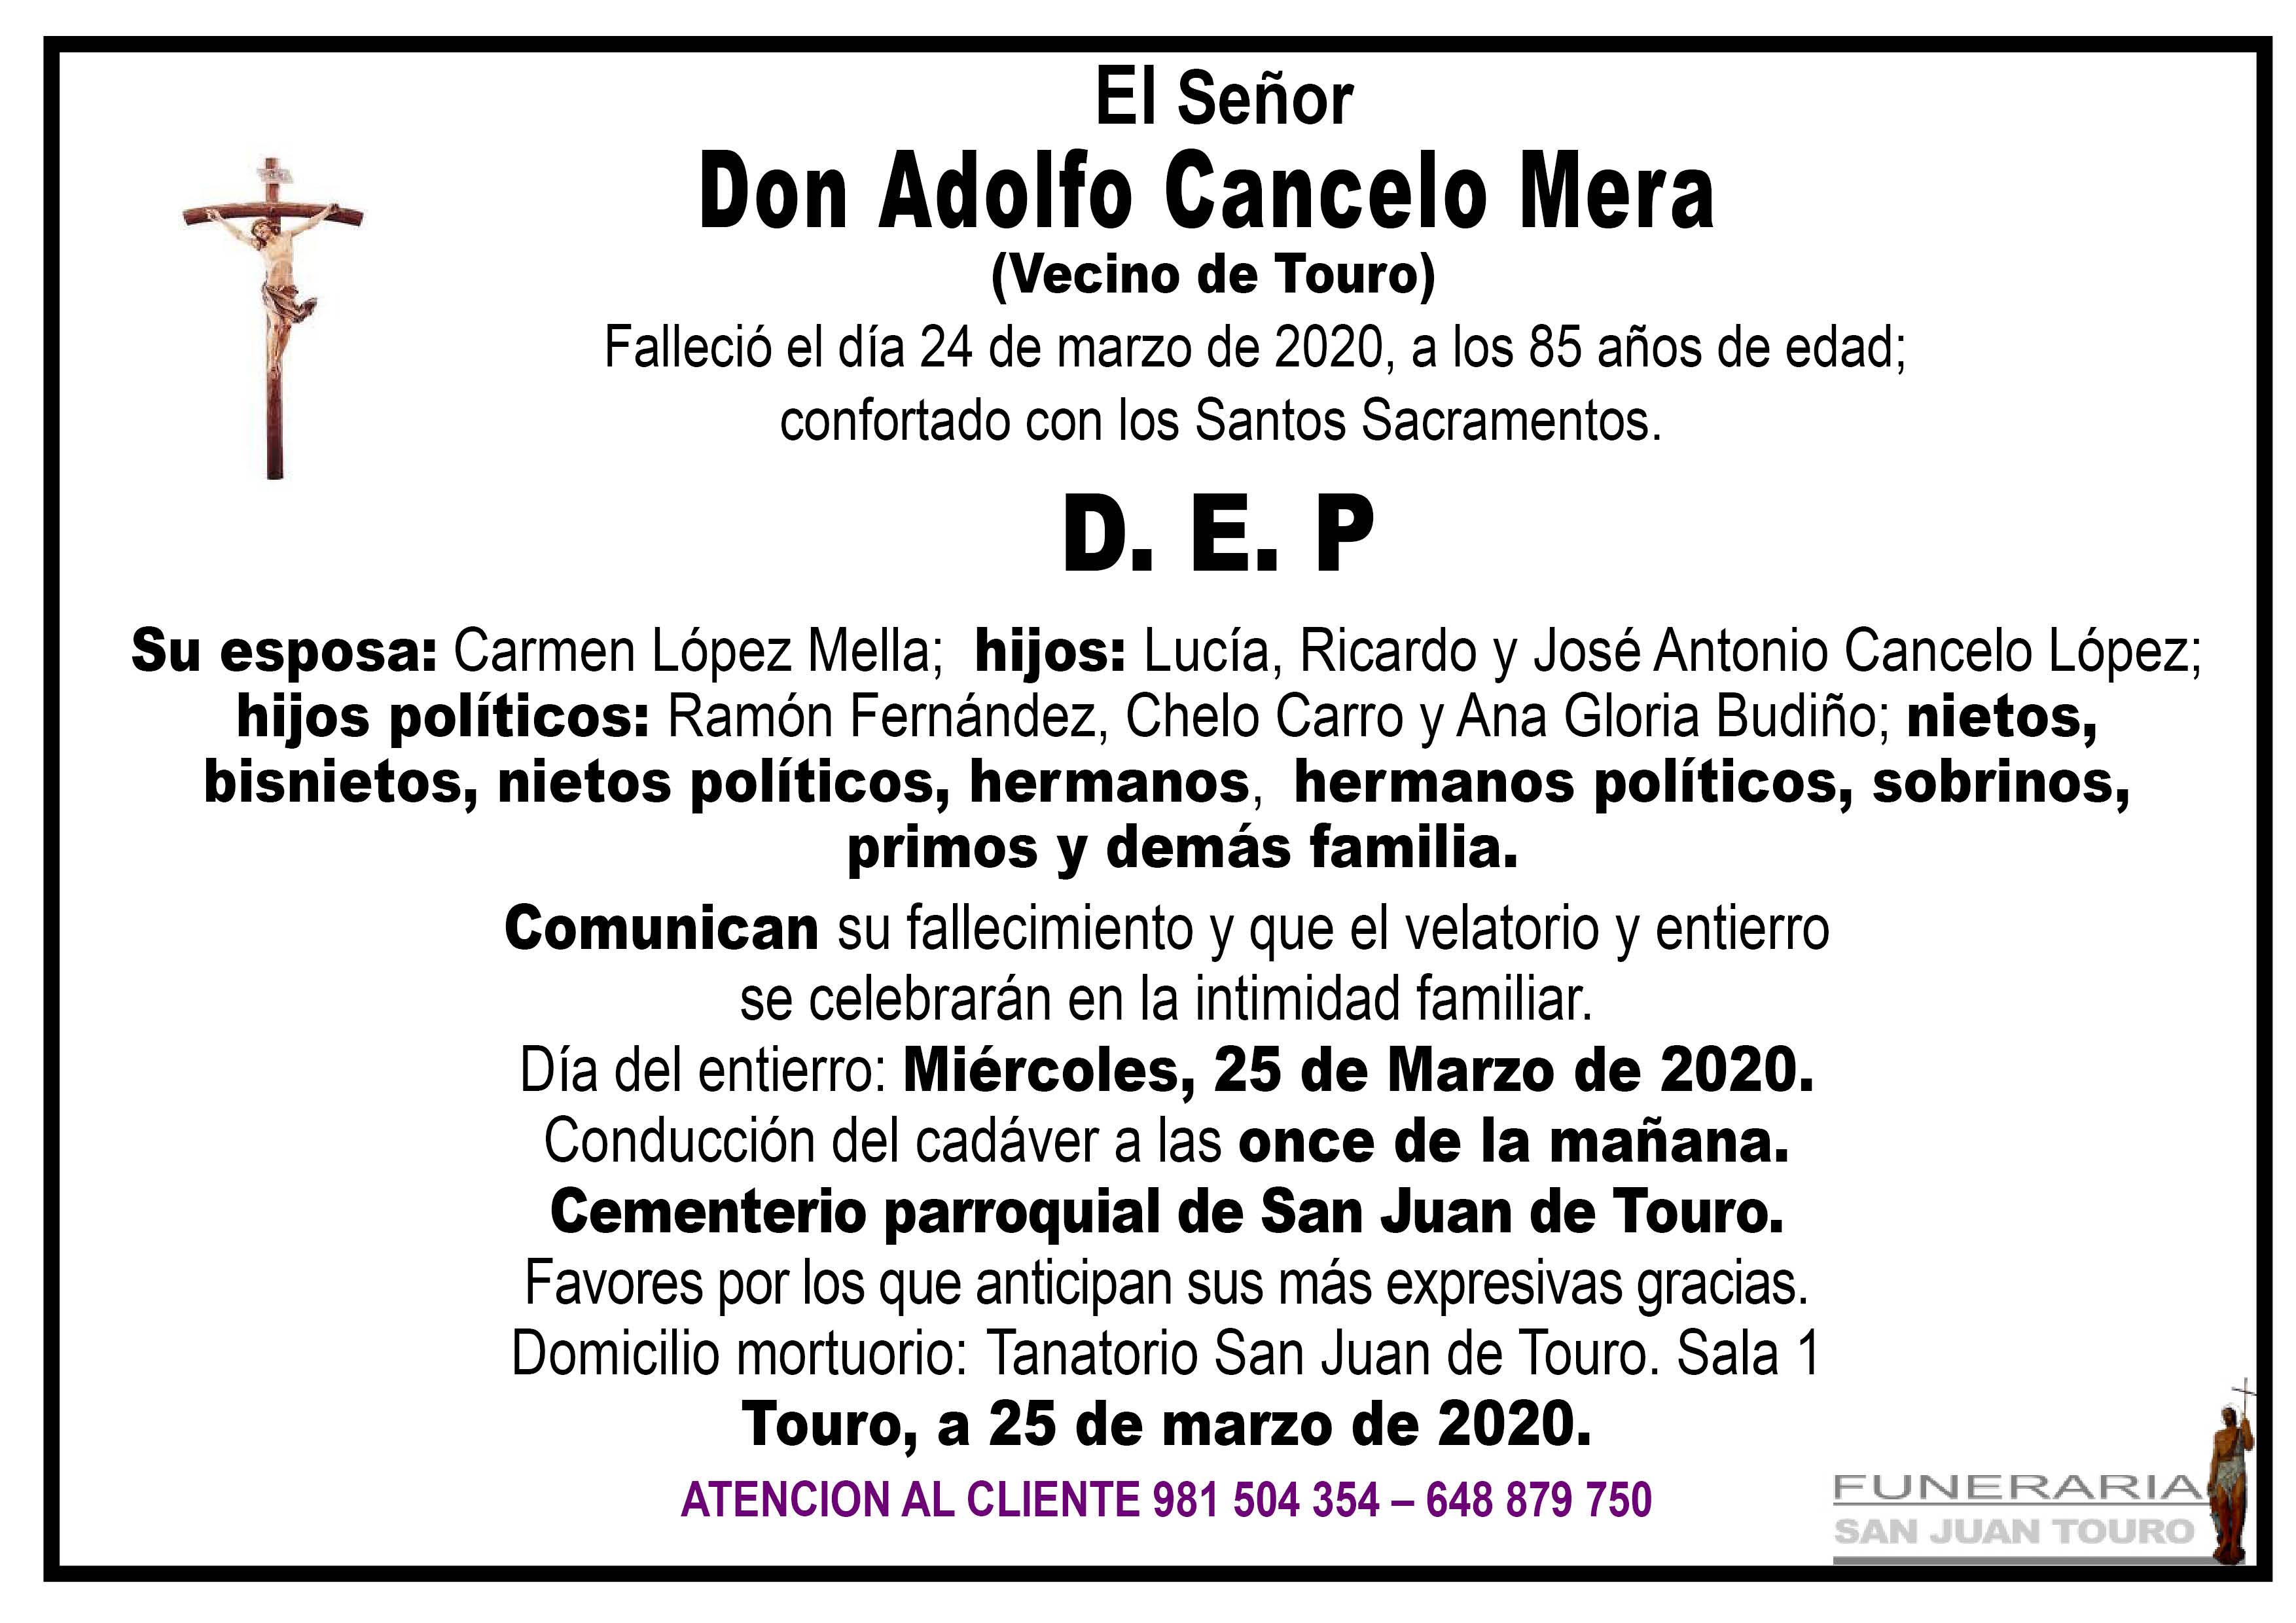 Esquela de SEPELIO DE DON ADOLFO CANCELO MERA